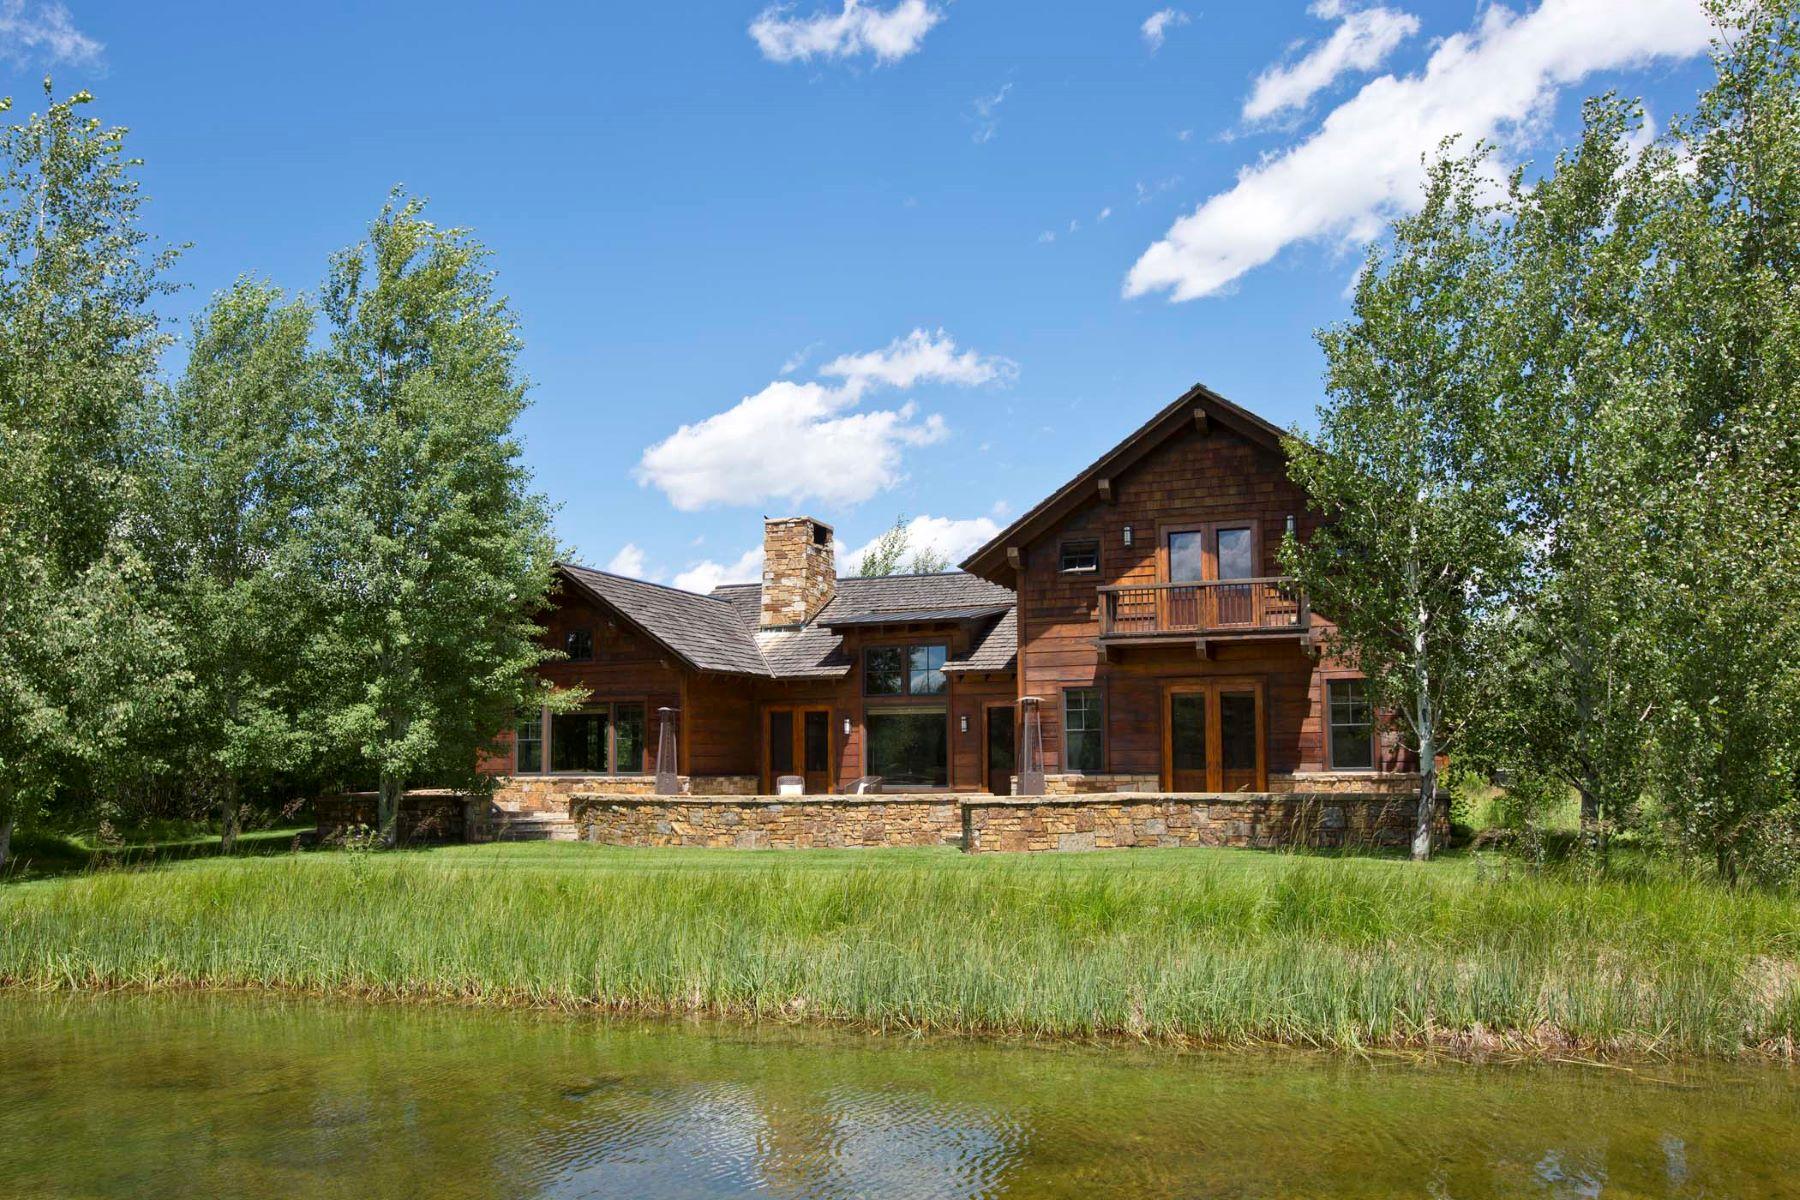 Nhà ở một gia đình vì Bán tại 3 Creek Ranch Cabin with Membership 2740 W Raptor View Lane Jackson, Wyoming, 83001 Jackson Hole, Hoa Kỳ